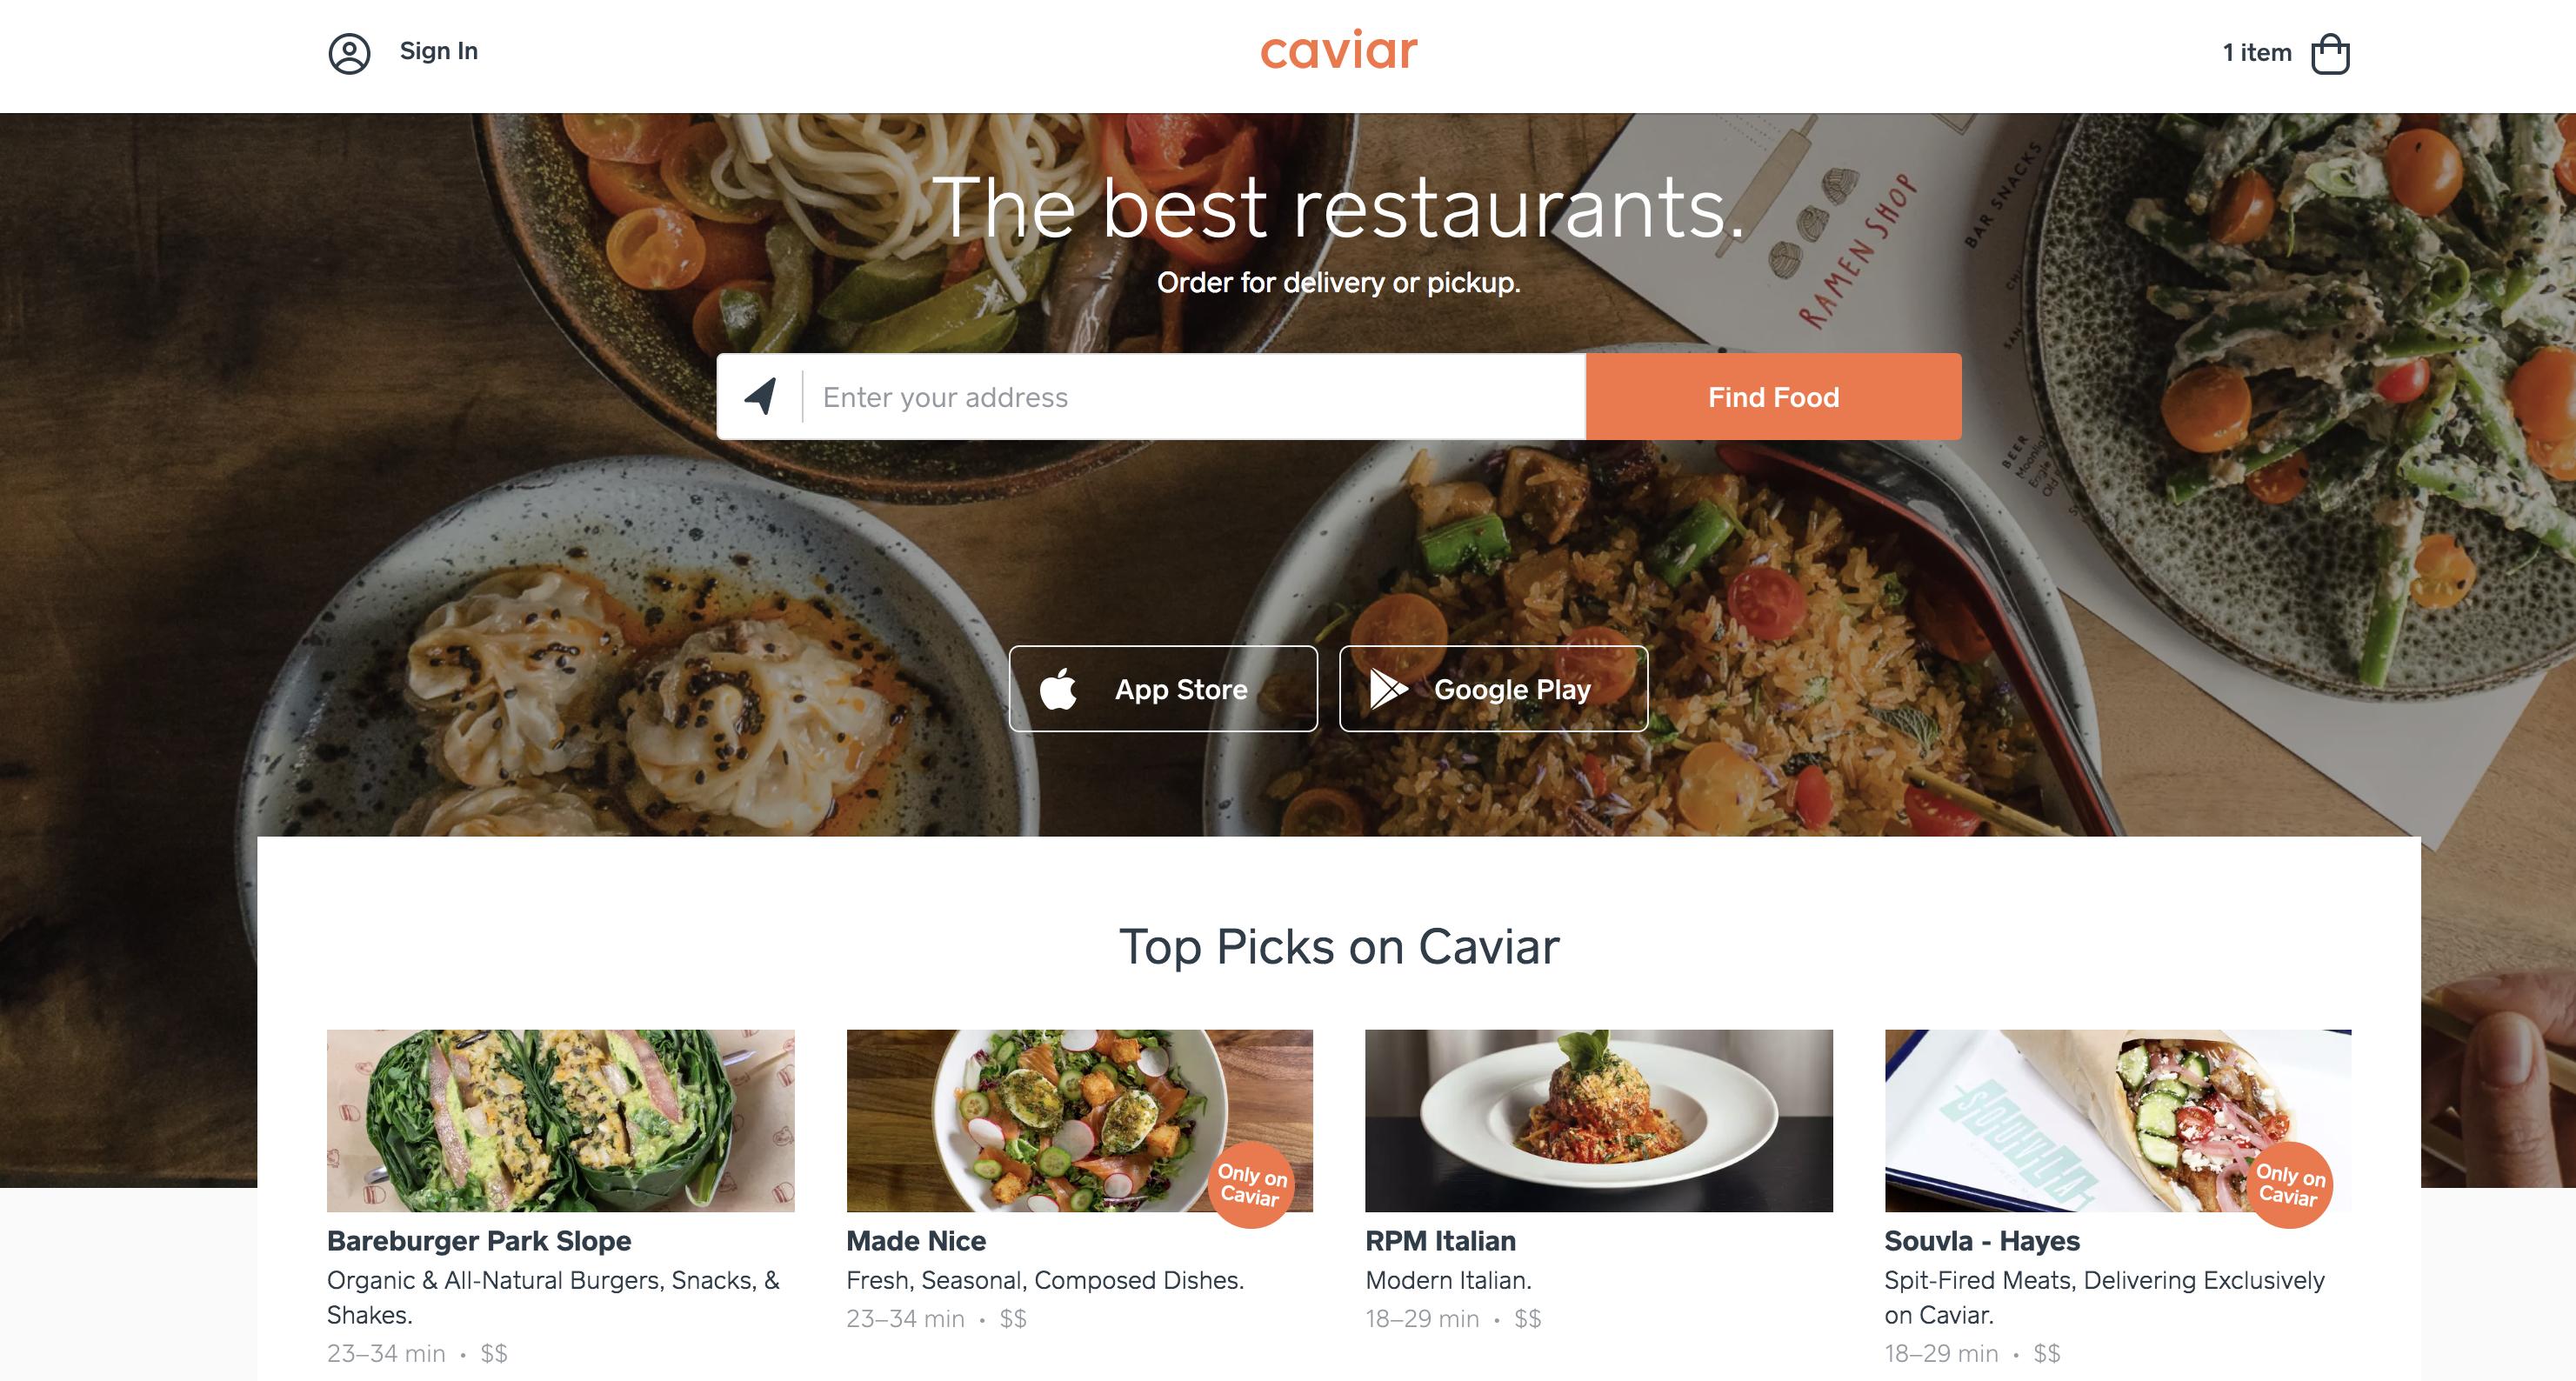 Caviar - $Varies